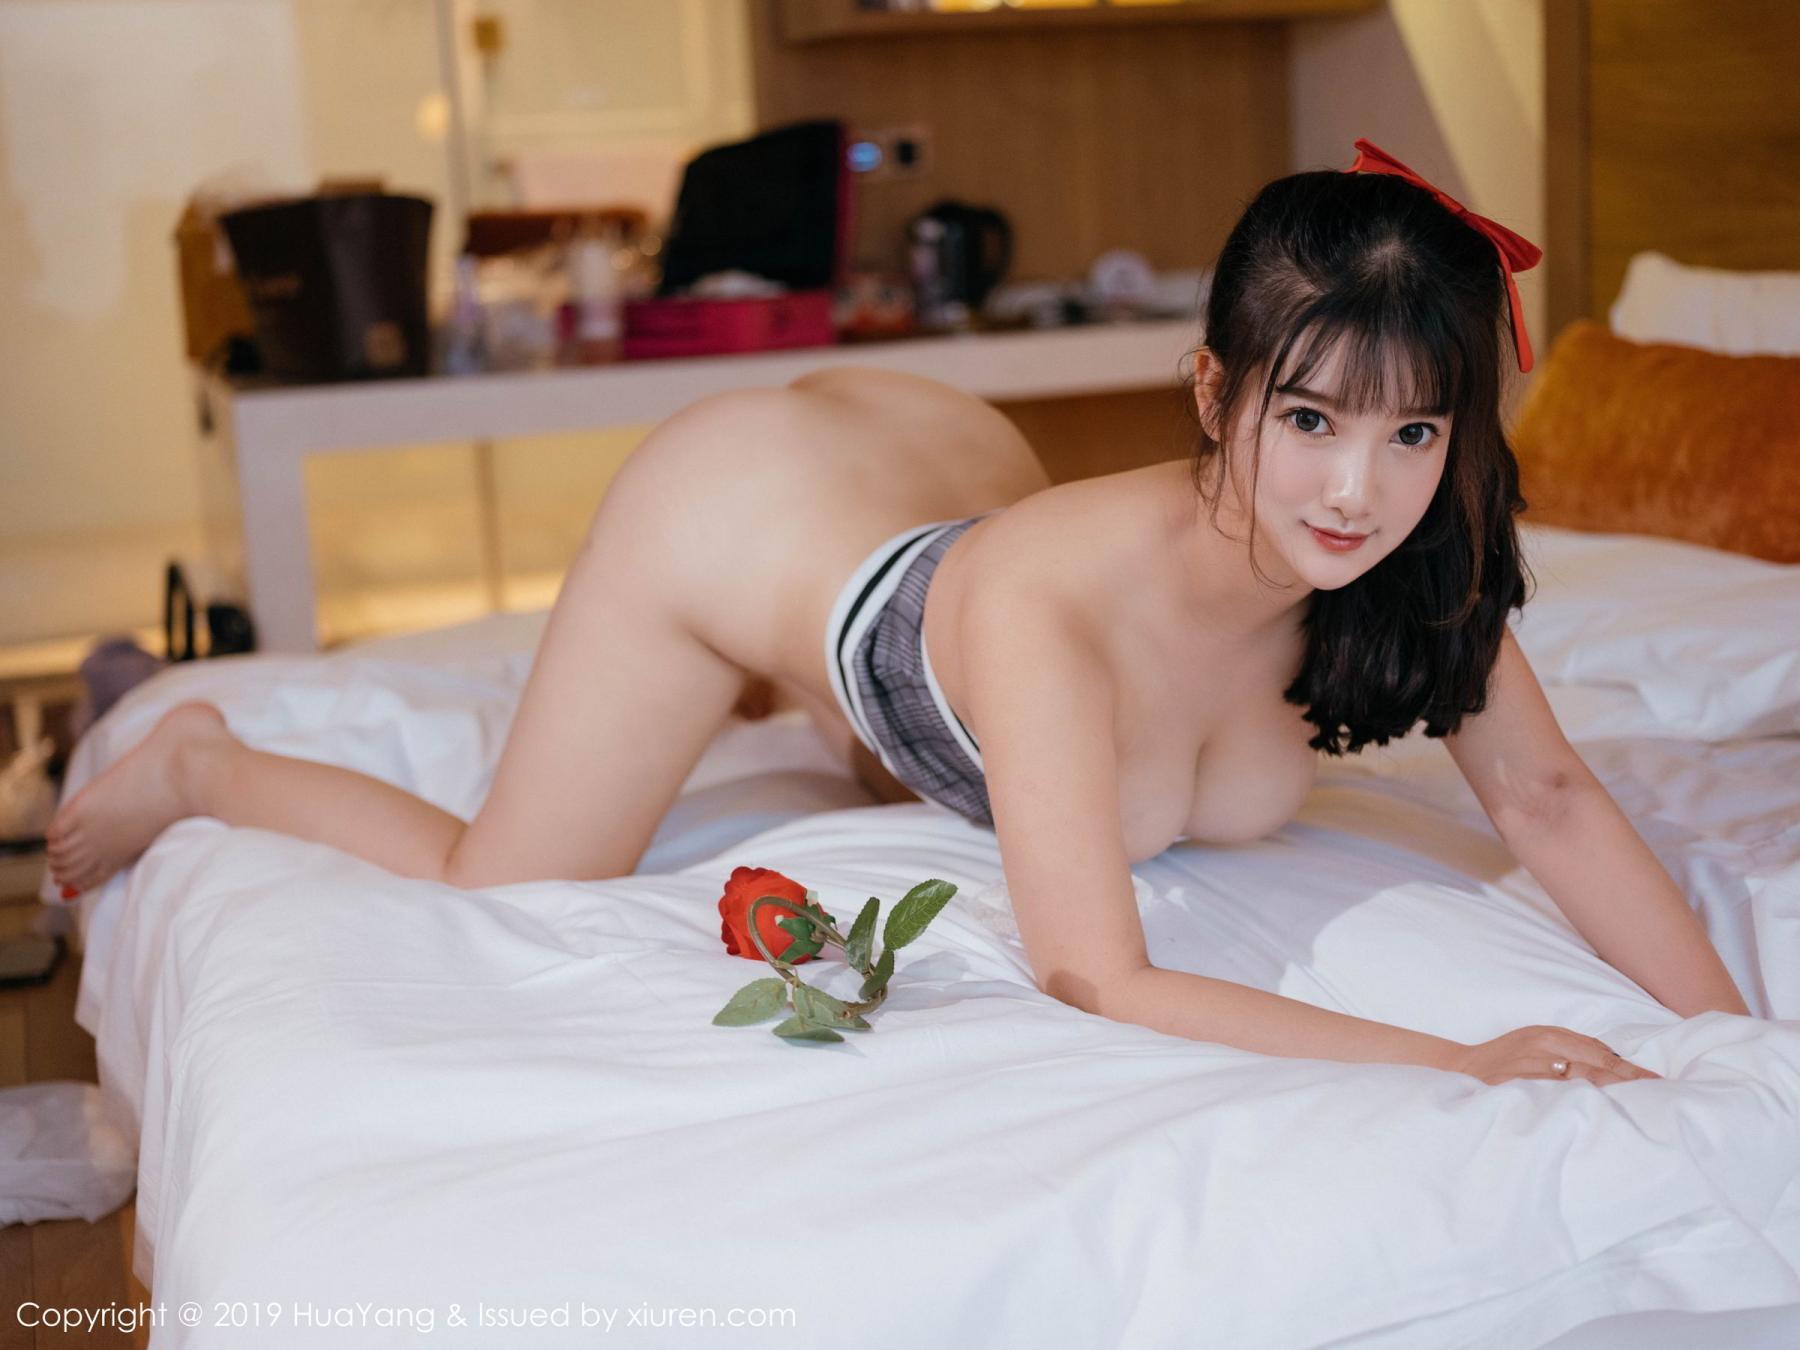 [Huayang] Vol.123 Xiao You Nai 7P, Adult, Baby Face Big Boobs, HuaYang, Lu Lu Xiao Miao